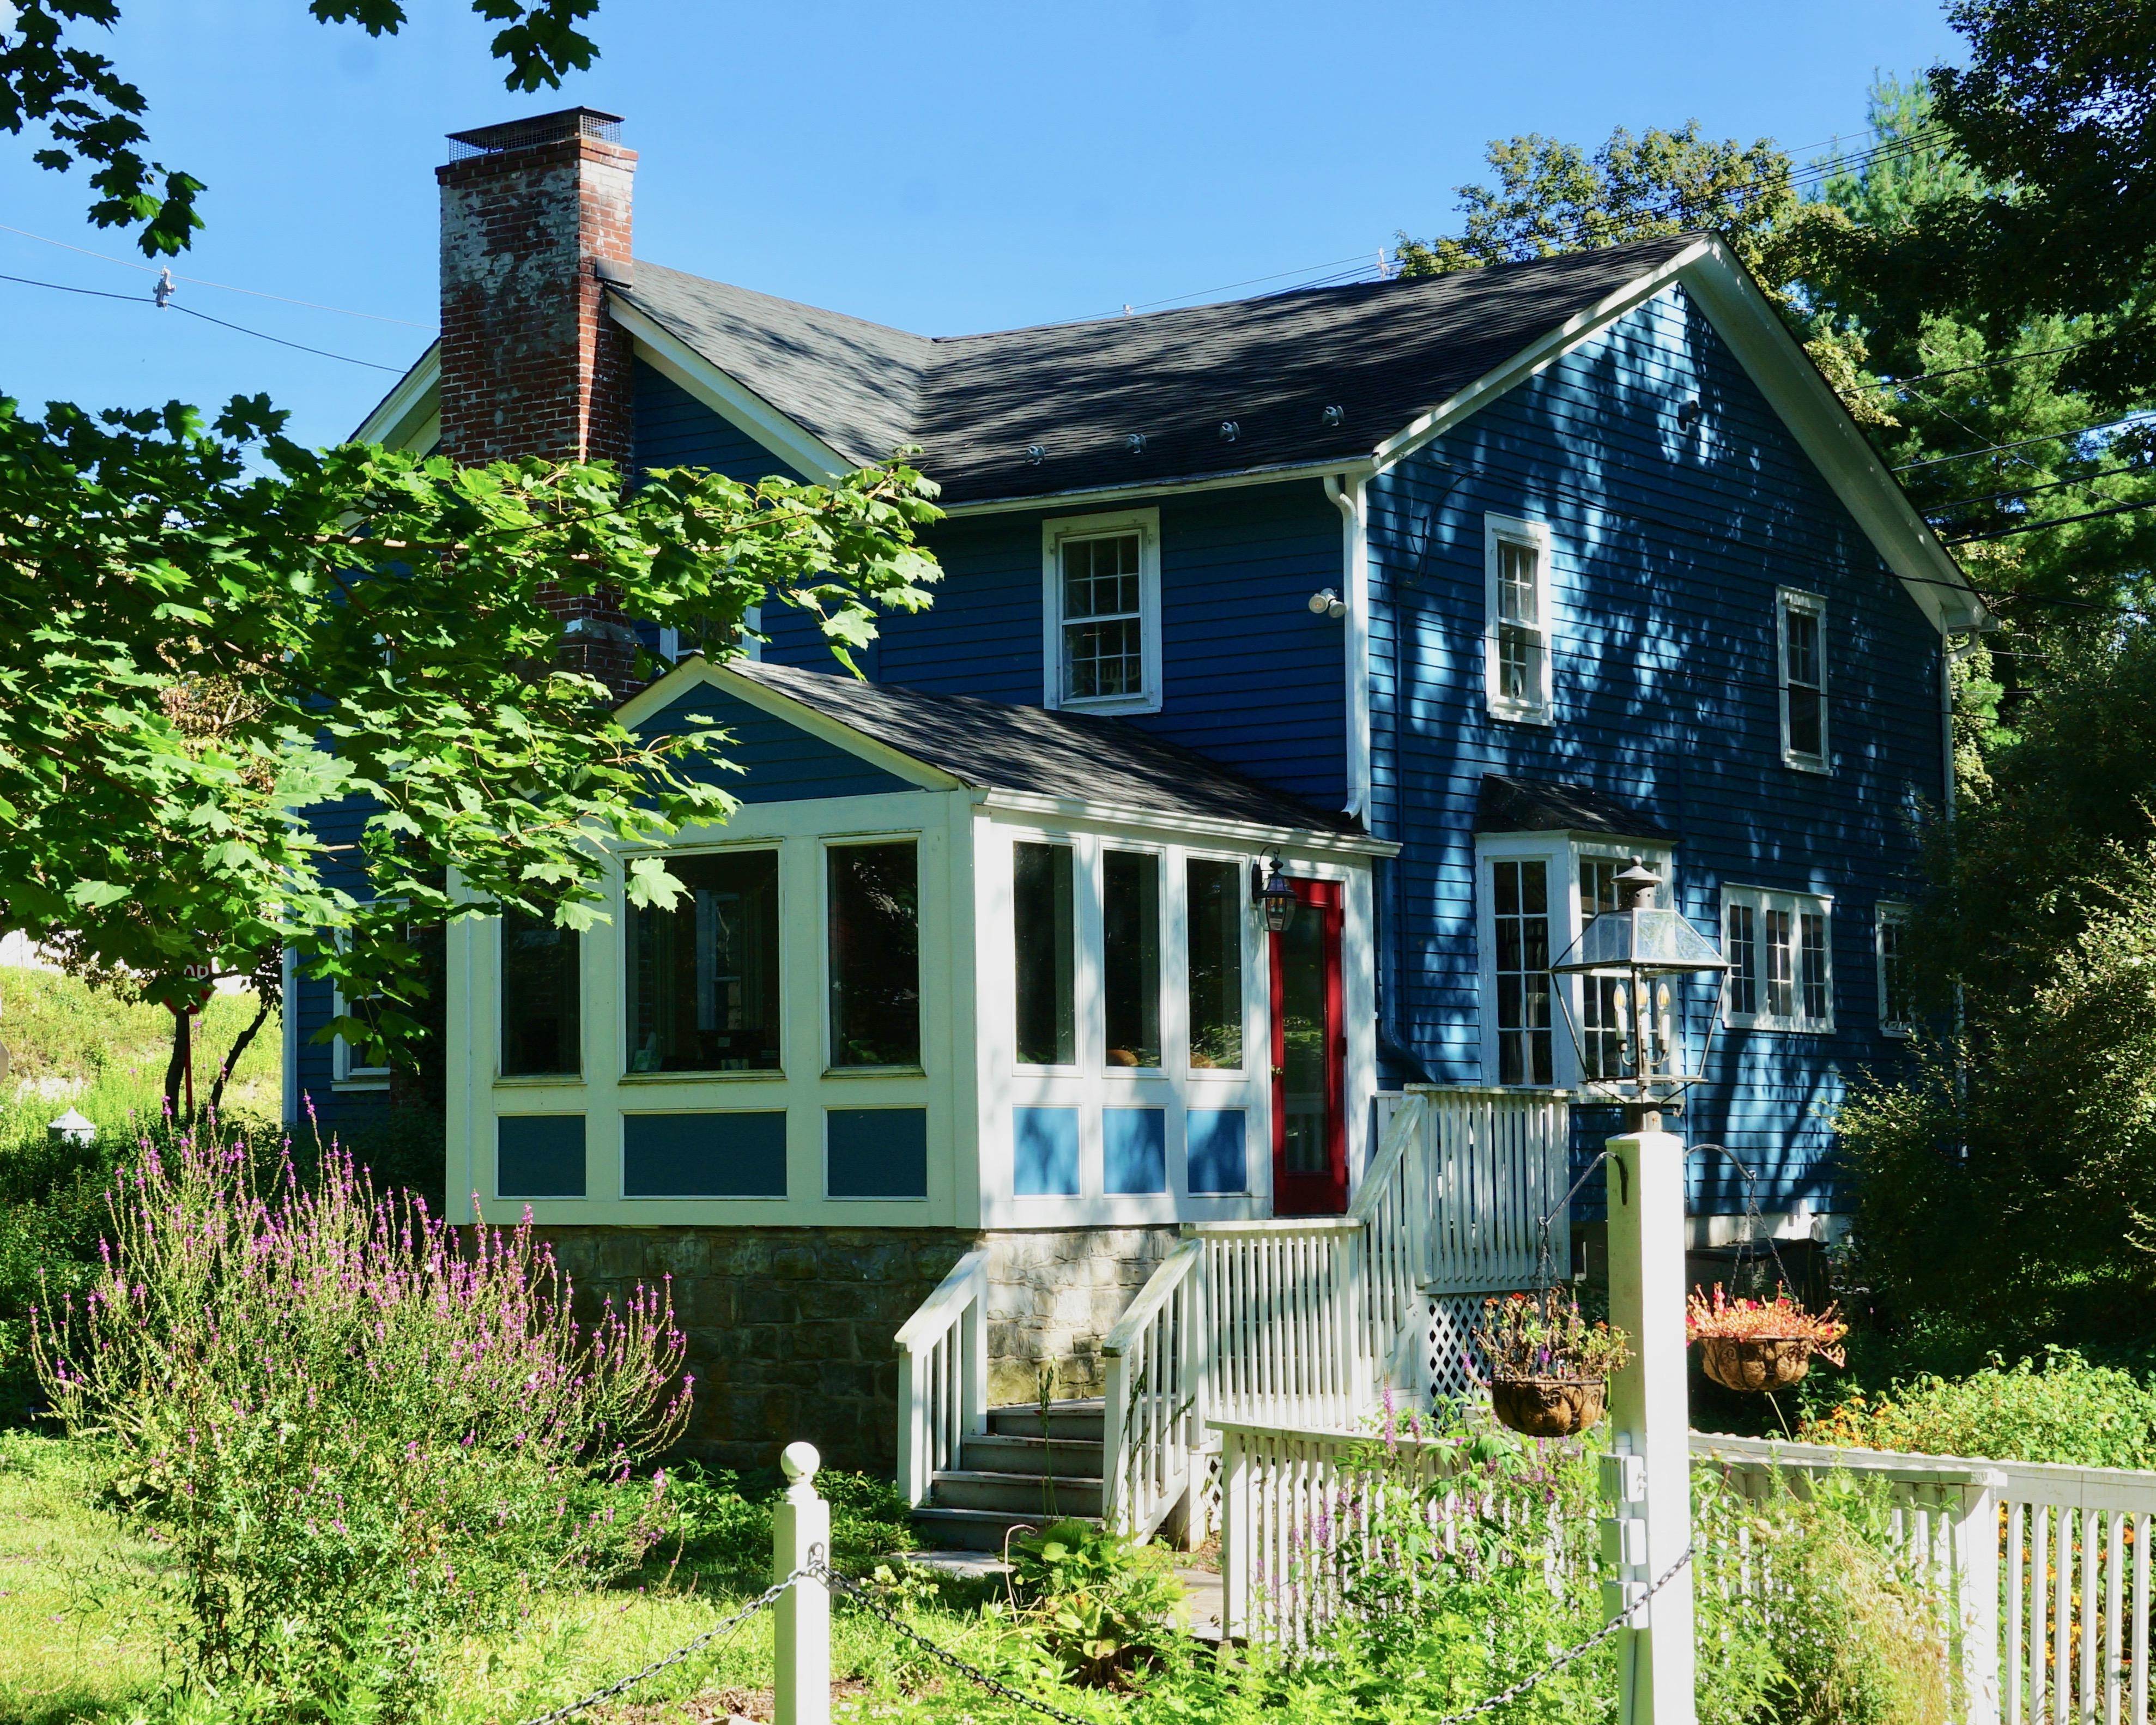 VUSLER HOUSE•1911